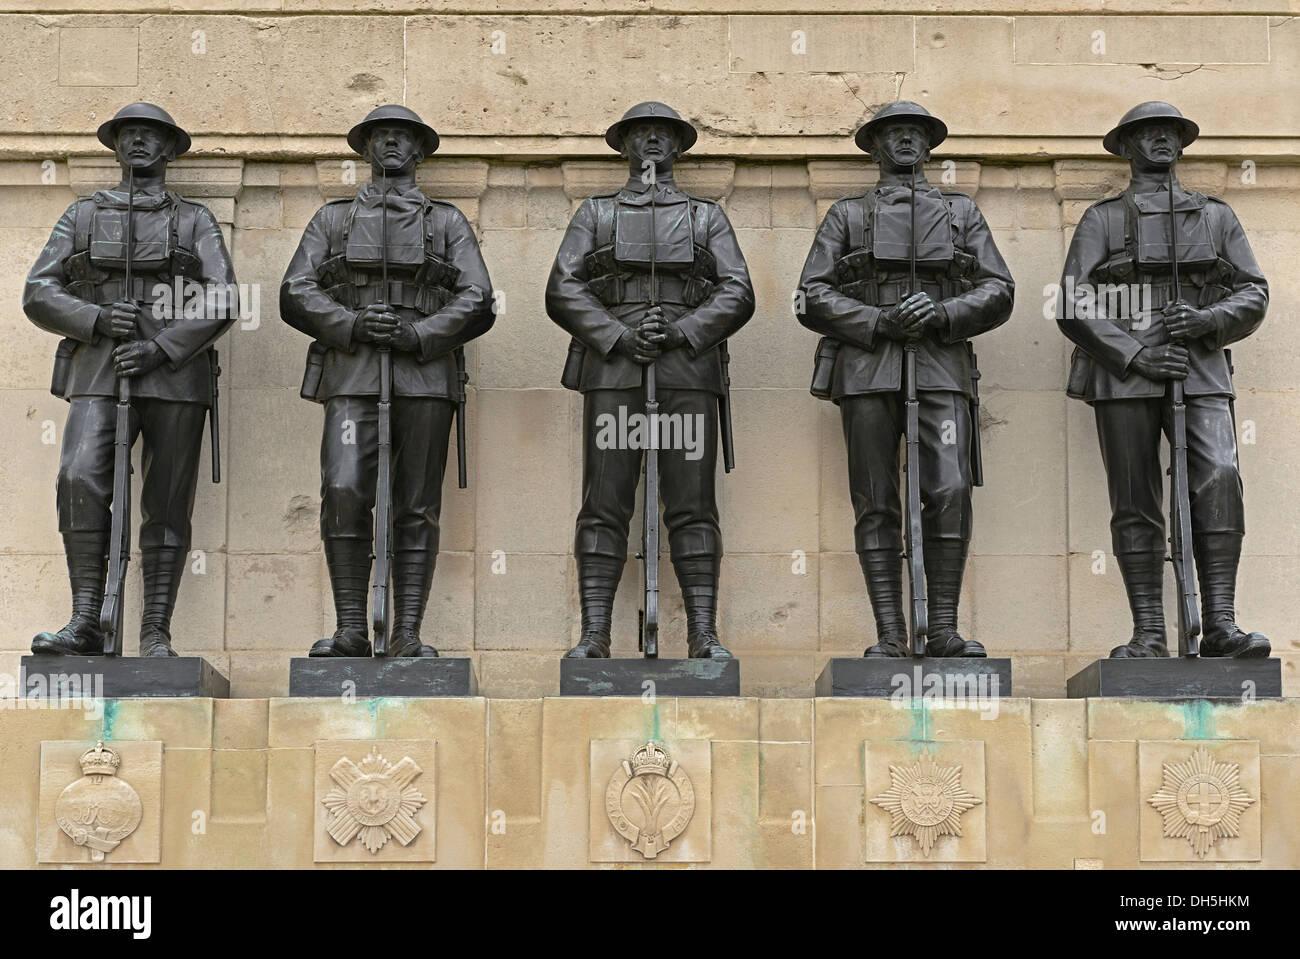 Les Gardes Memorial, Horse Guards Parade, Londres, Royaume-Uni. Une Première Guerre mondiale mémorial aux morts de la Division des gardes. Photo Stock